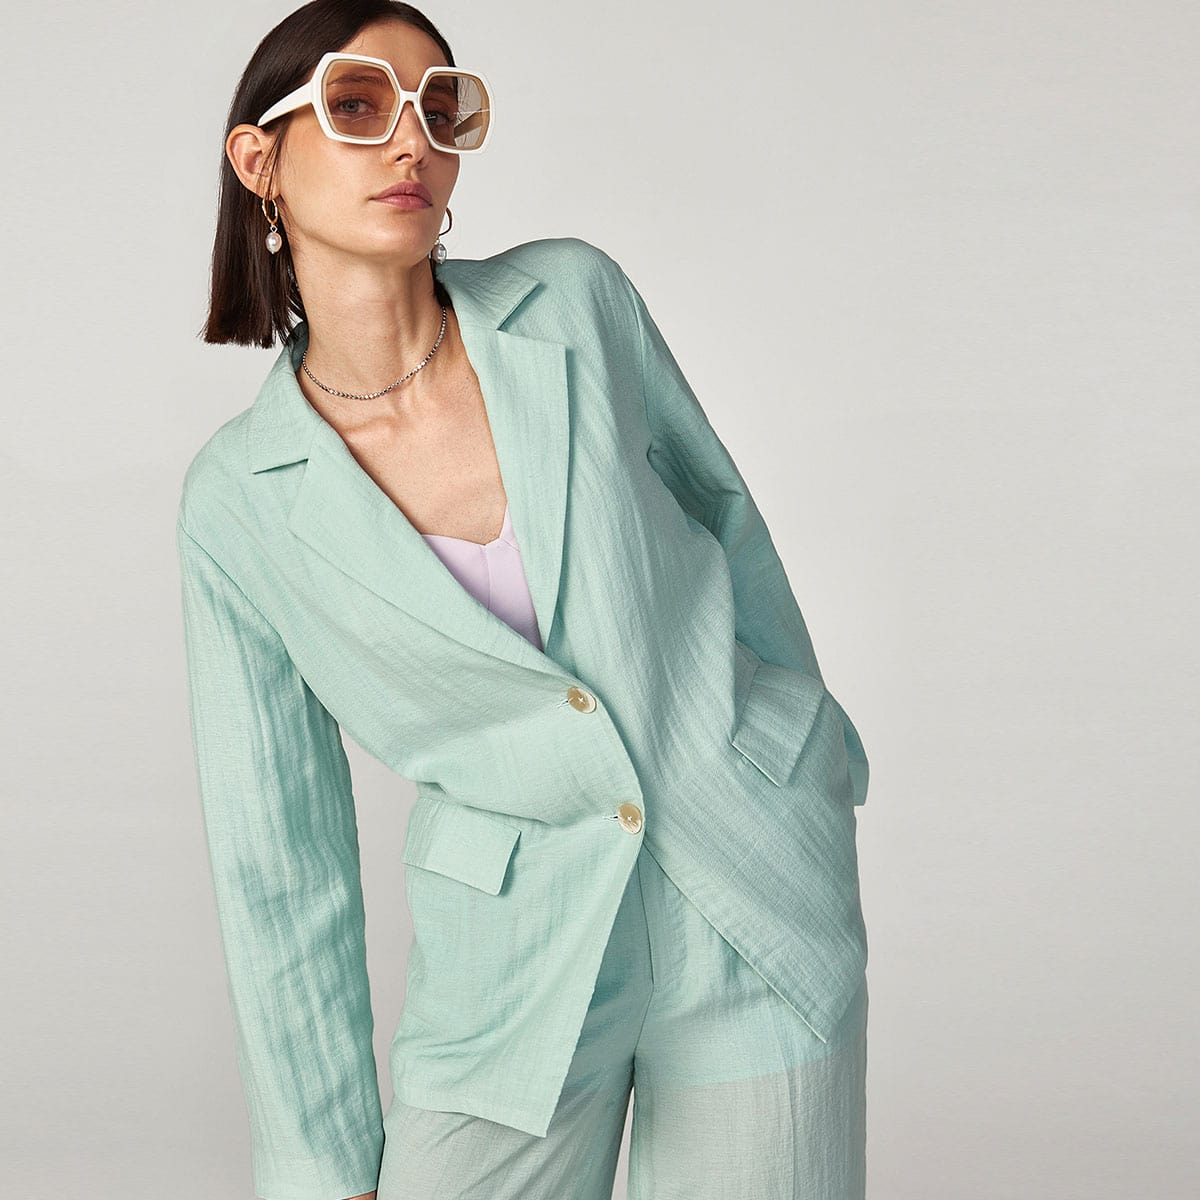 Однобортный пиджак оверсайз из хлопка и льна от SHEIN